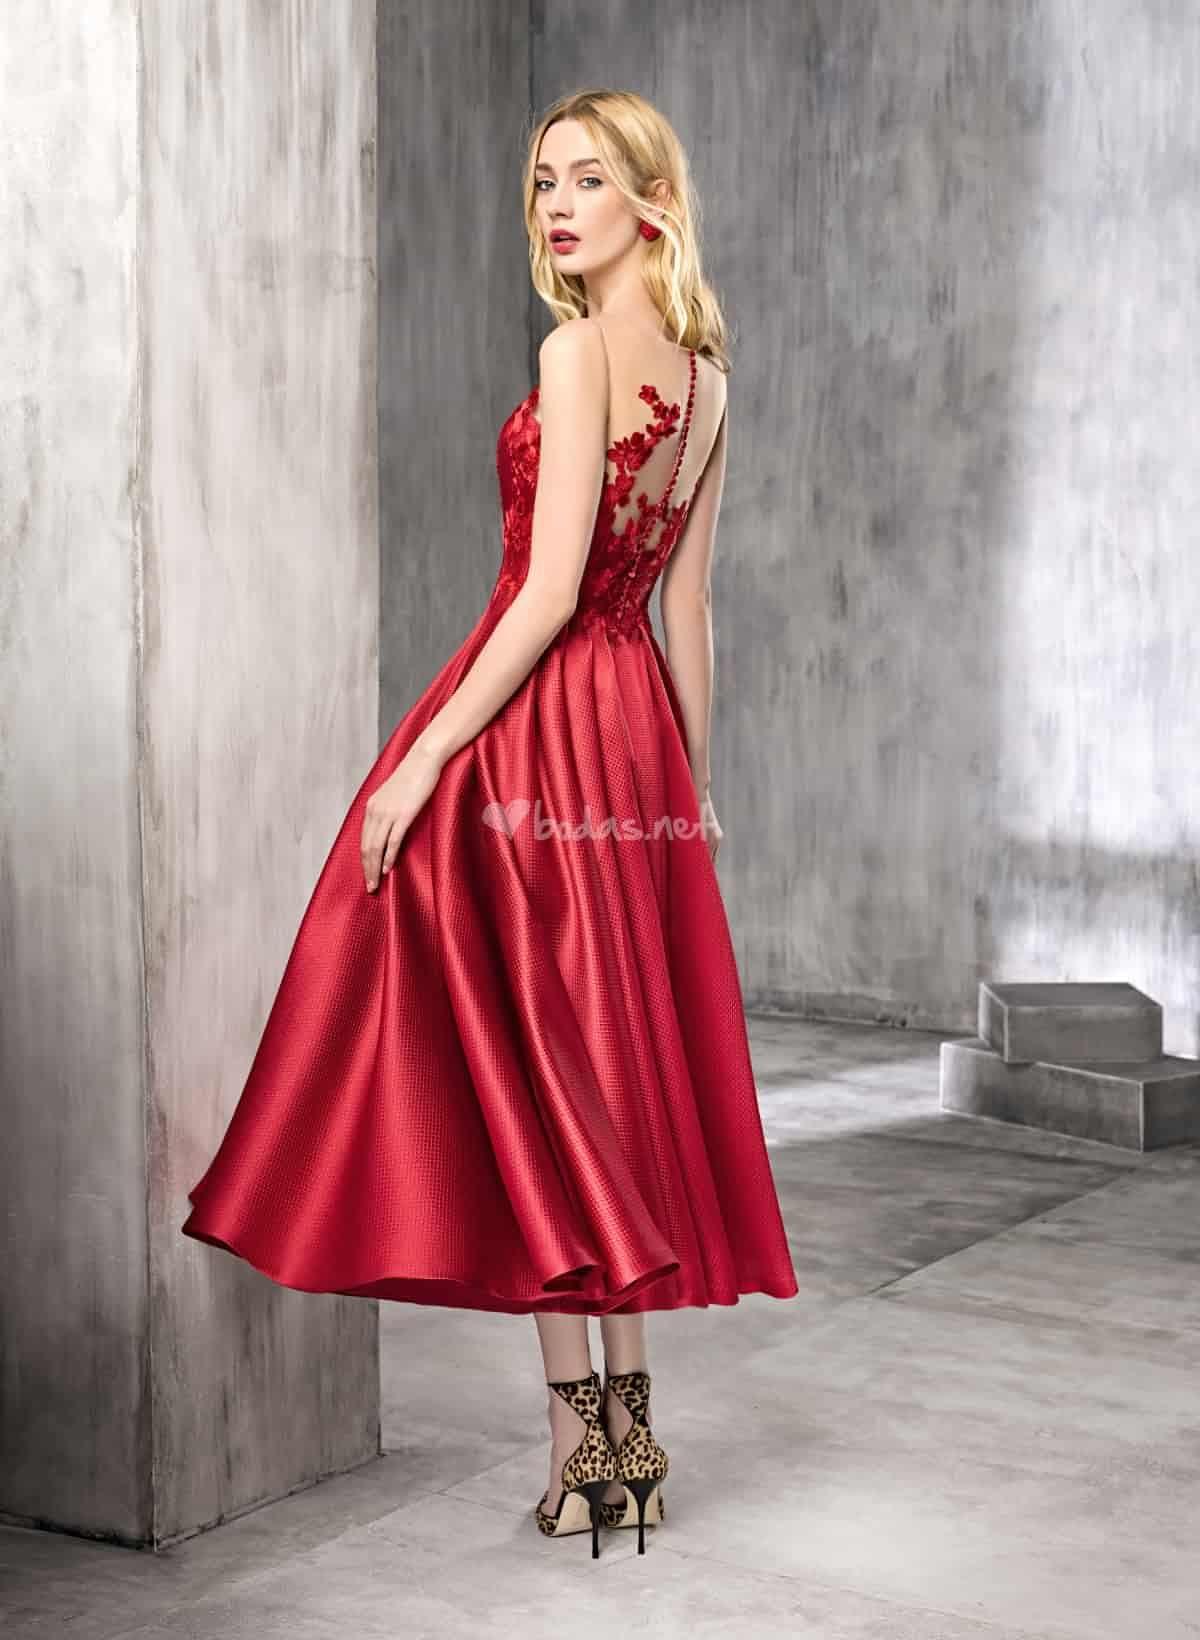 Comprar vestido de fiesta en valencia